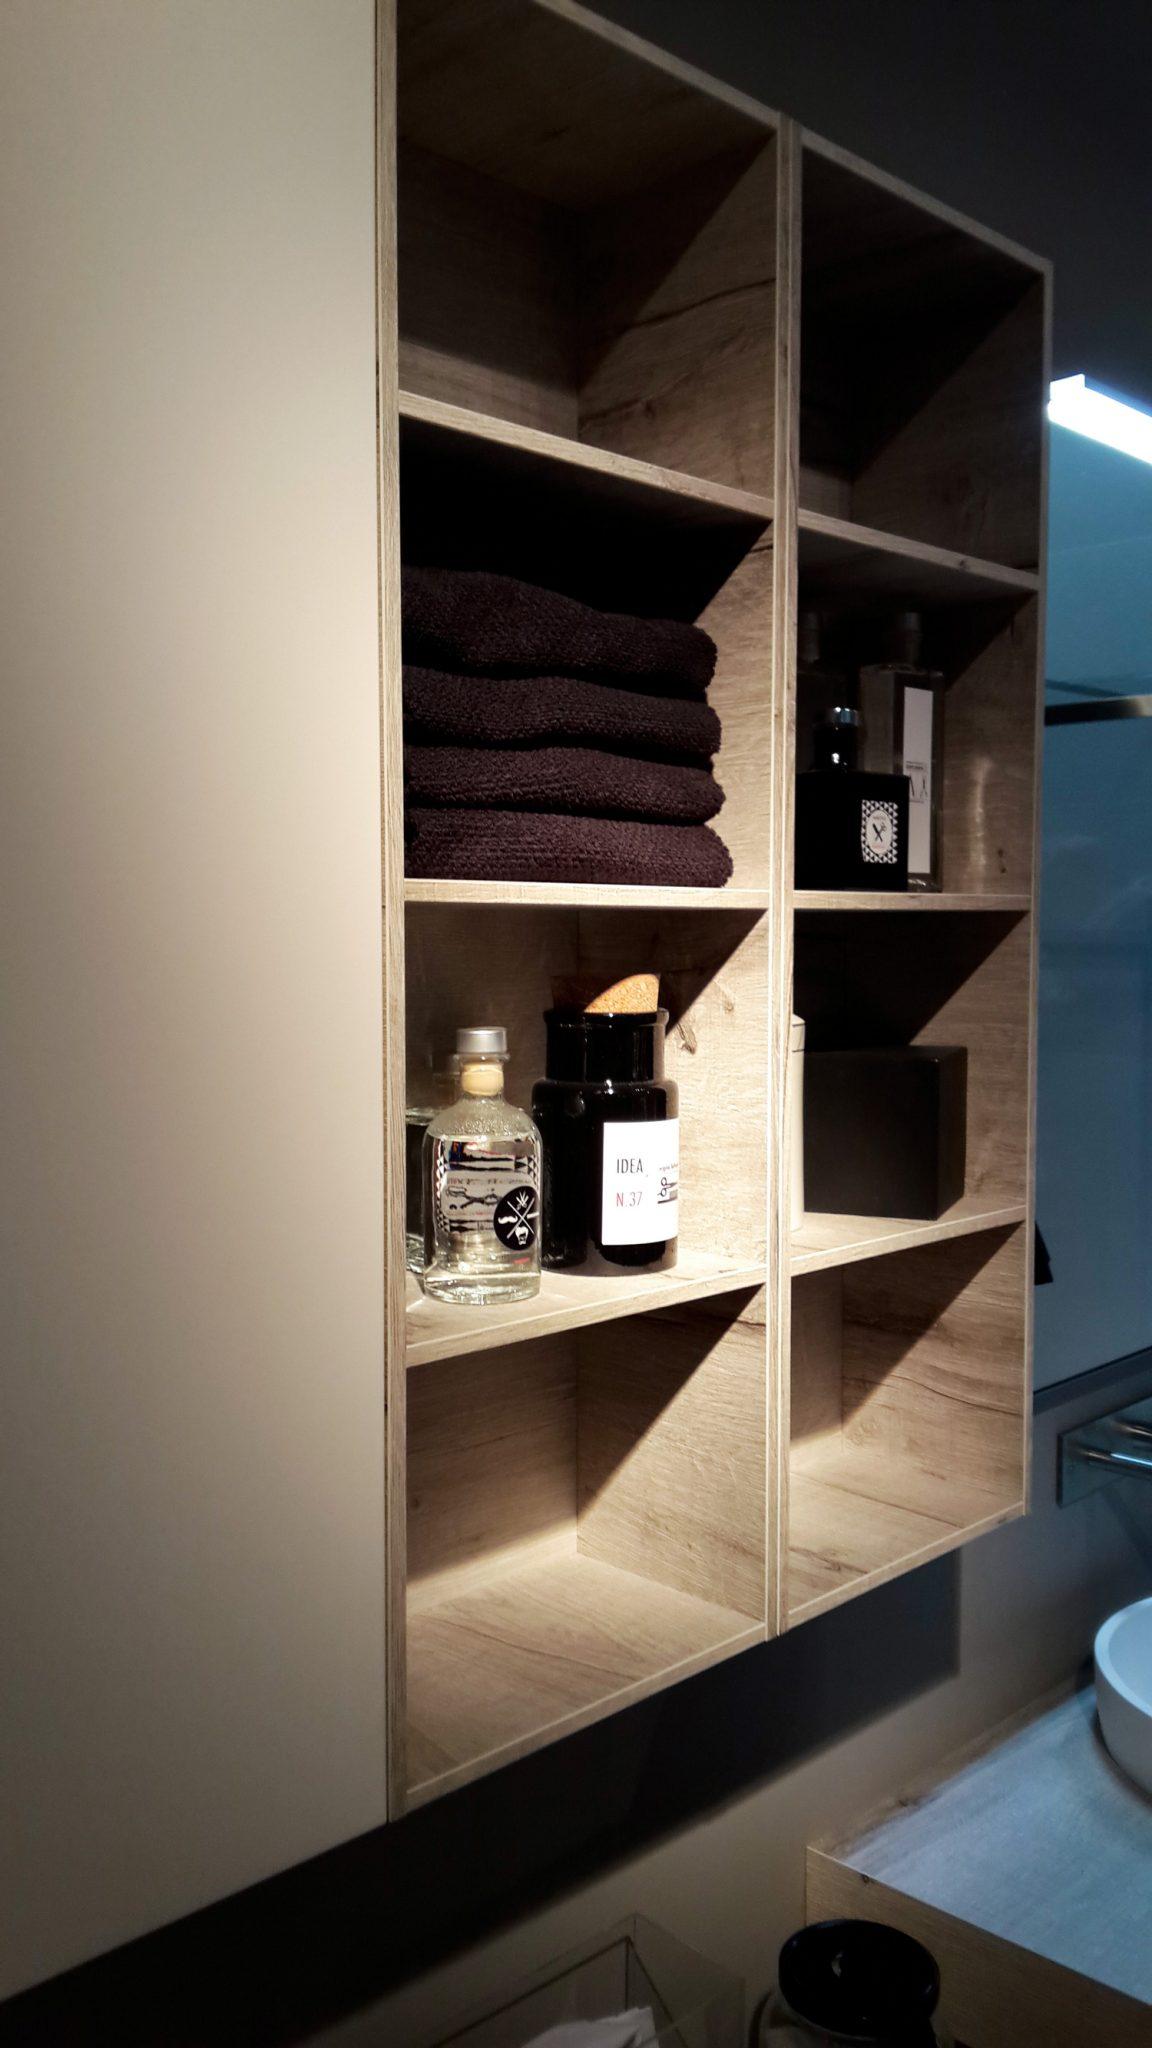 regali di natale: 10 fragranze per casa e bagno - ideagroup blog - Bagno Di Casa